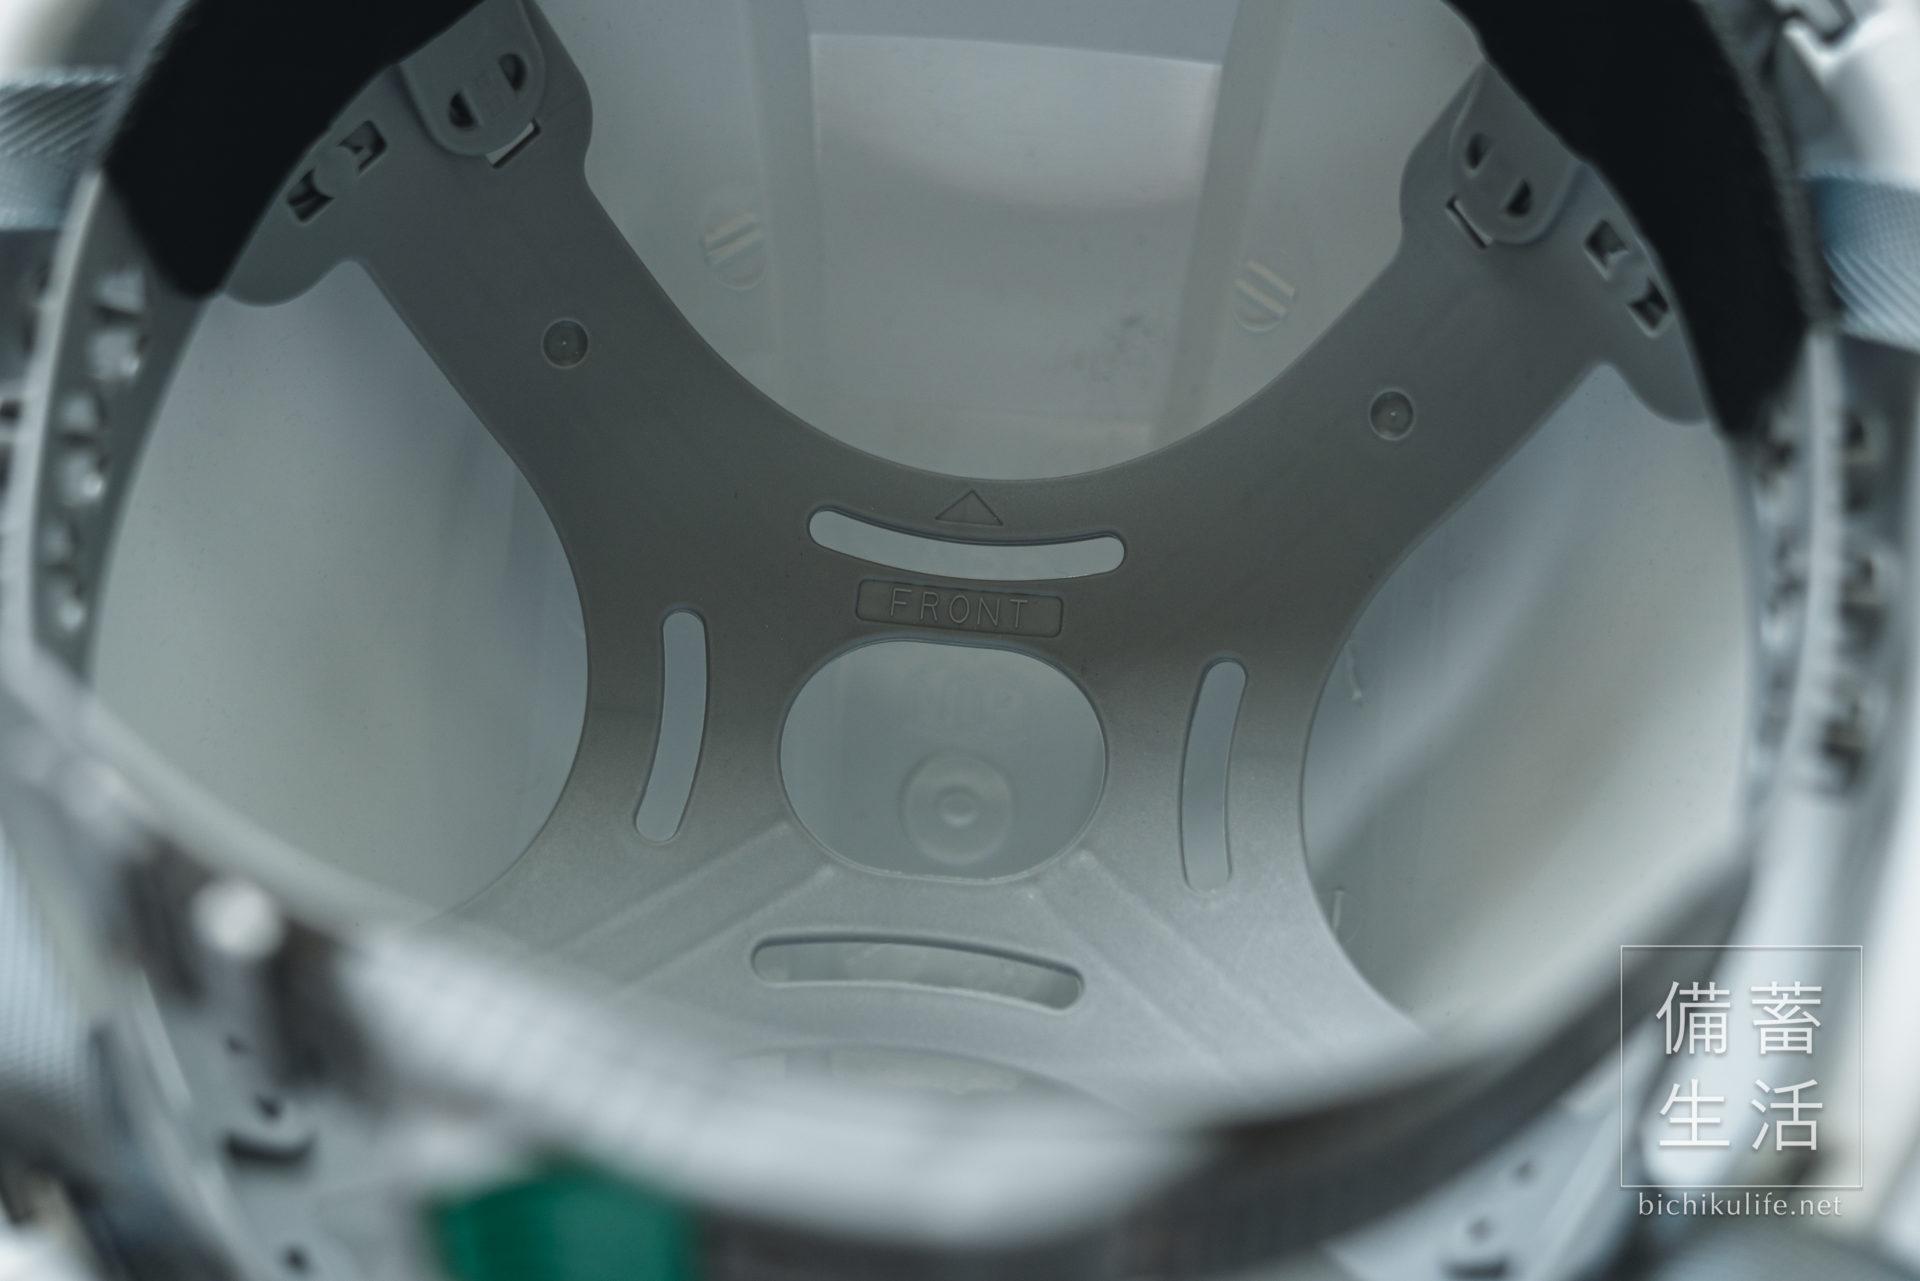 DICプラスチックの一般的なヘルメット